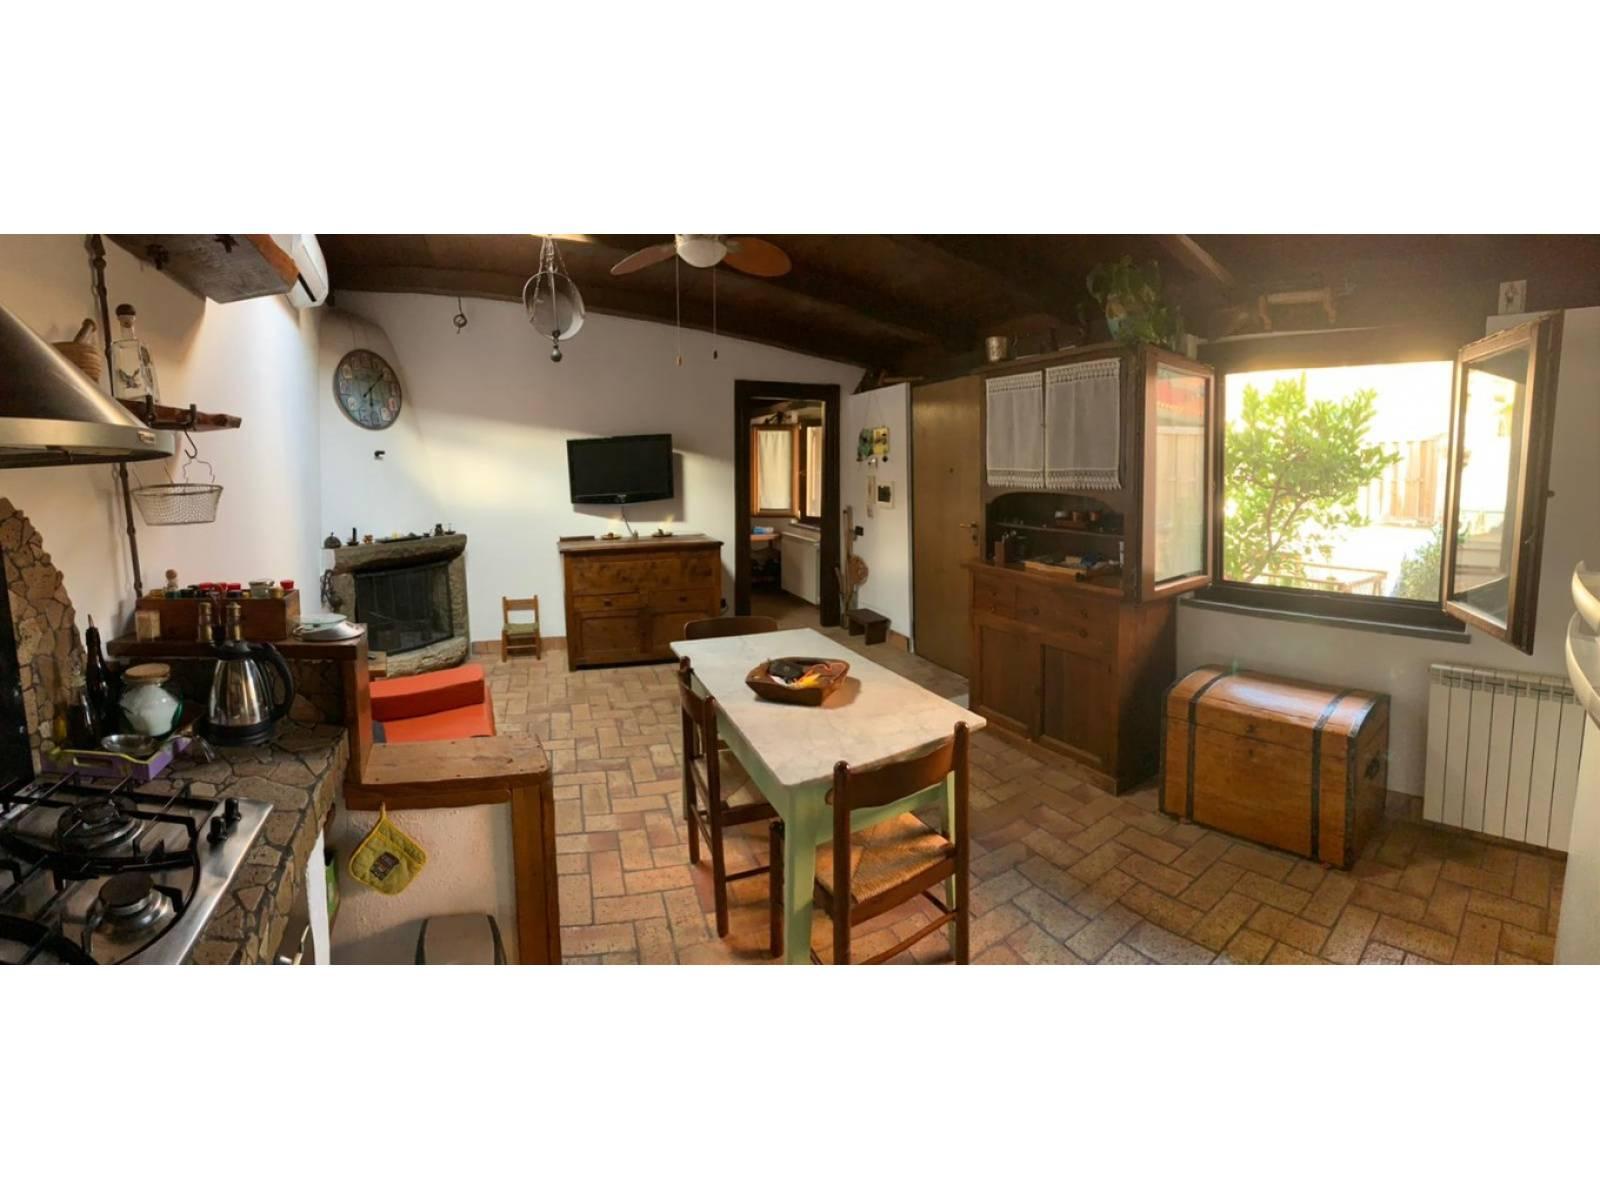 Villa in vendita a Roma, 2 locali, zona Zona: 41 . Castel di Guido - Casalotti - Valle Santa, prezzo € 159.000 | CambioCasa.it